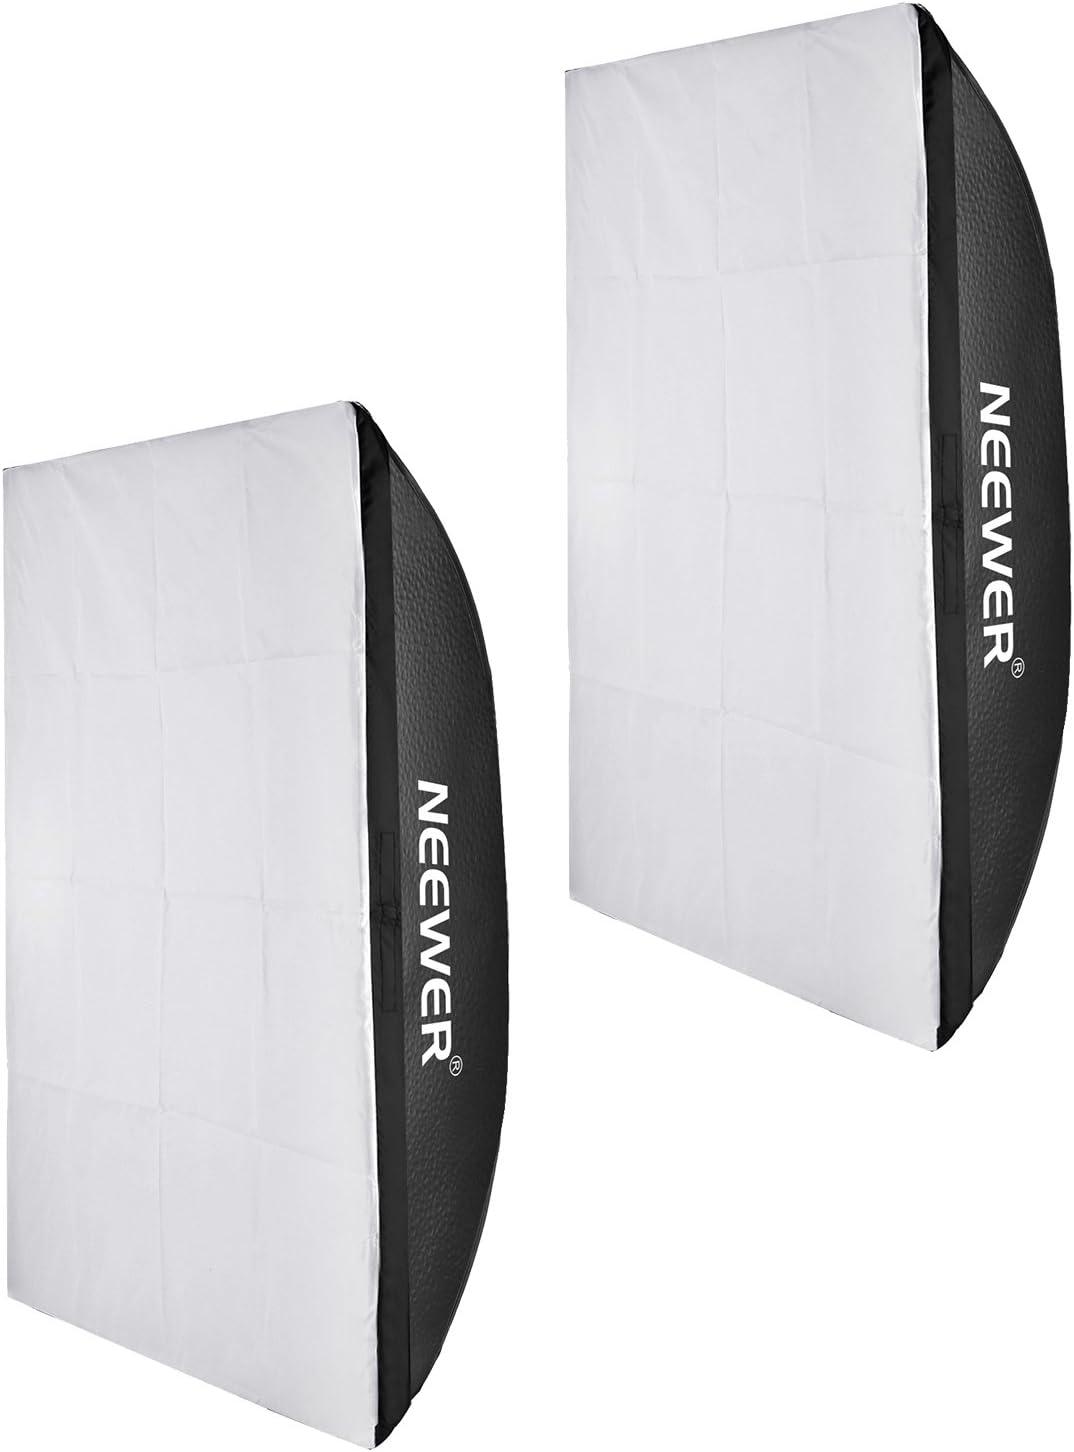 Neewer 2 Unidades de 50 cmX70 cm/20 X28 Cuadrado fotografía luz Tienda Fotos cúbico (Softbox Caja de luz Soporte Universal (Soft Box Solo, estroboscopio y luz trípode Son No Incluido): Amazon.es: Electrónica